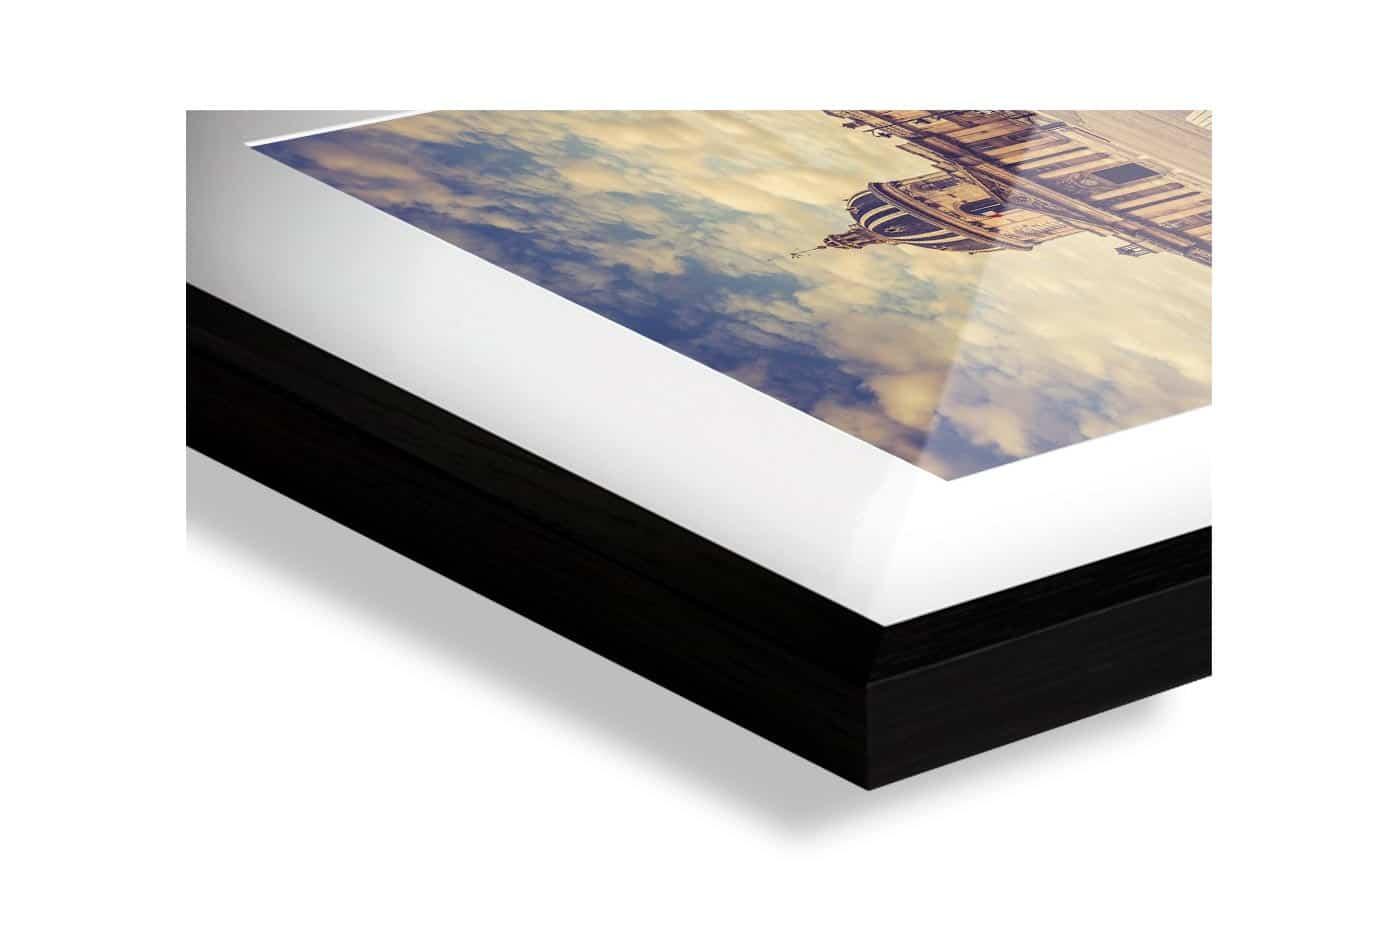 Profil cadre galerie Paris 7H37